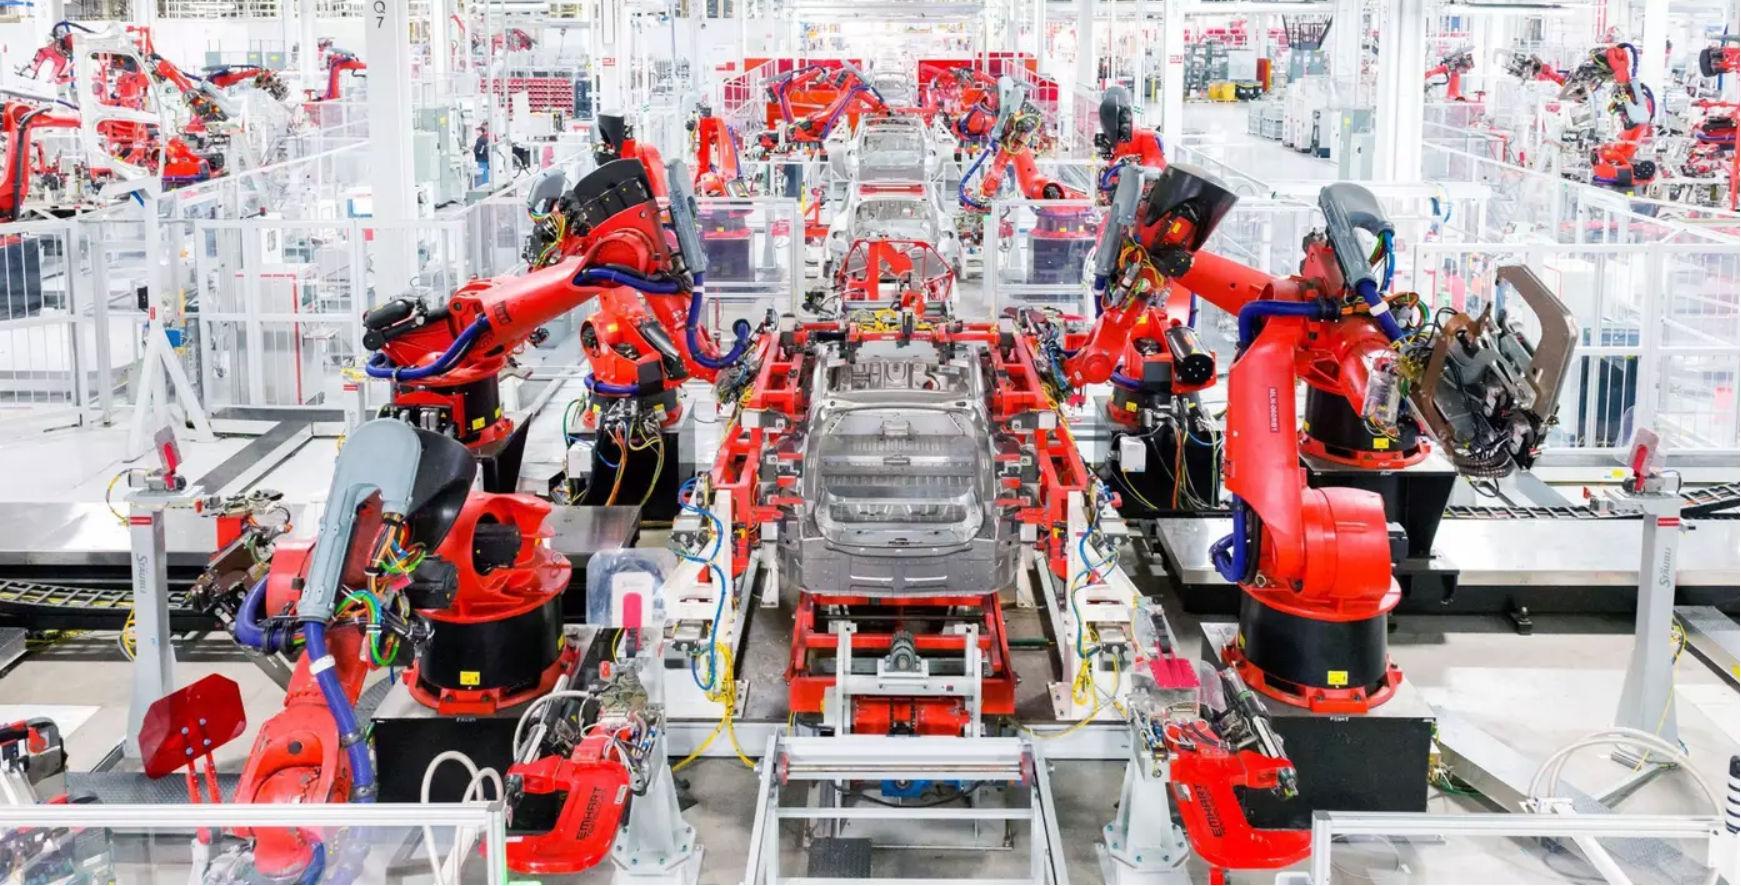 Tesla поставила квартальный рекорд по объему произведенных электромобилей - 2